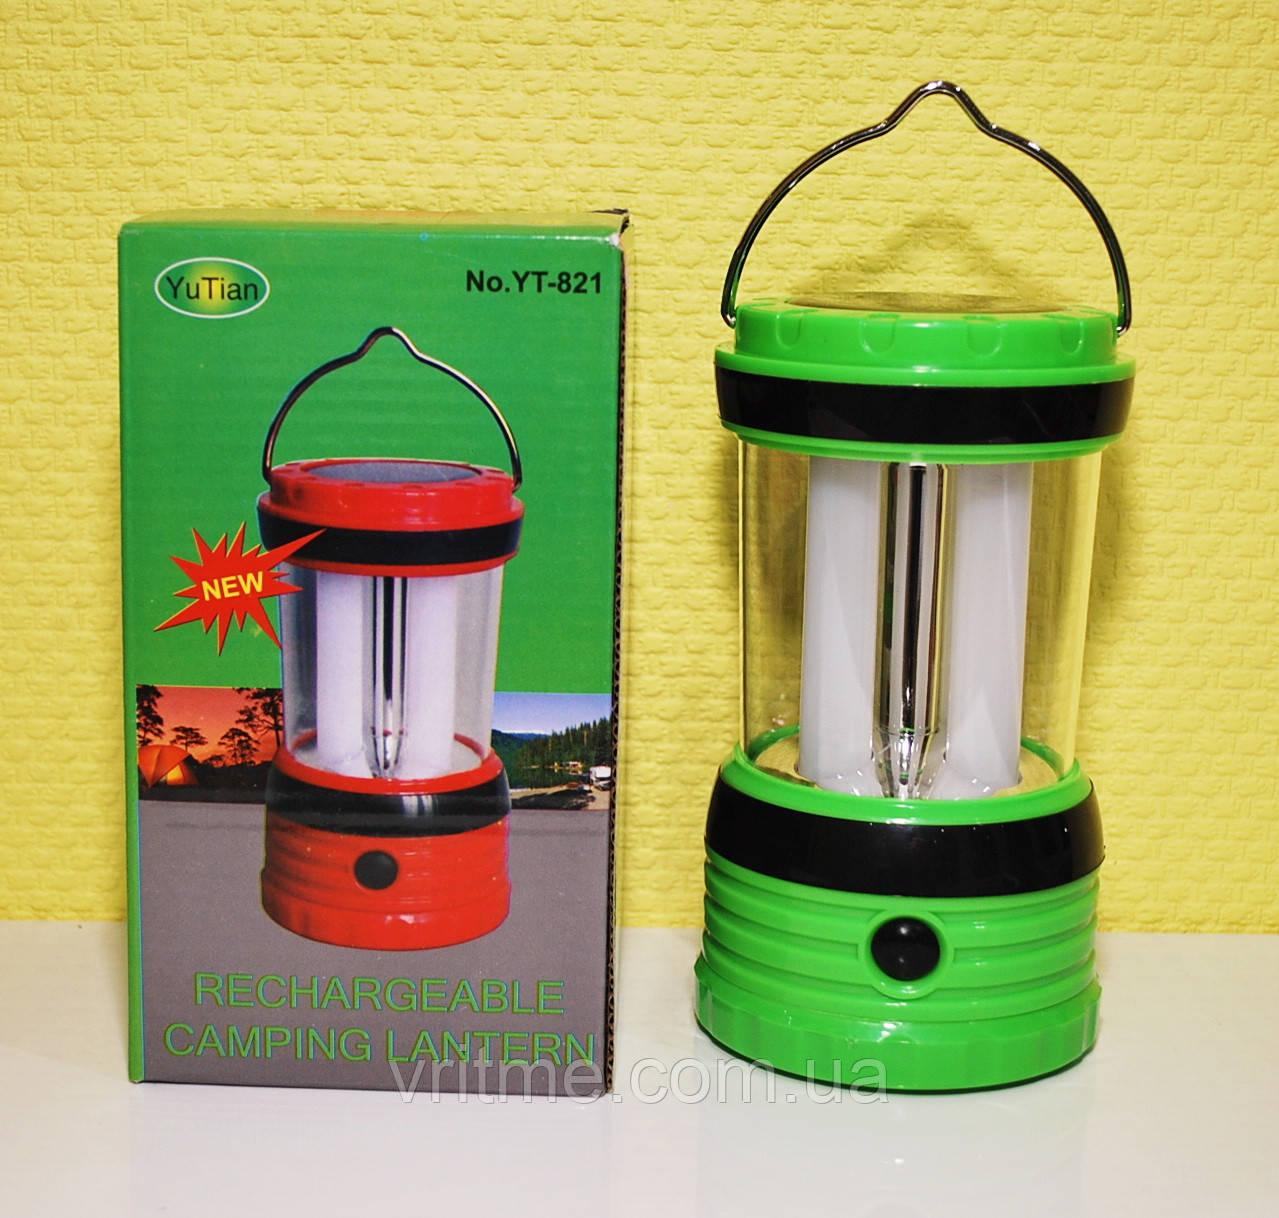 Кемпинговый LED Фонарь-лампа Yajia YT-821 с cолнечной батареей